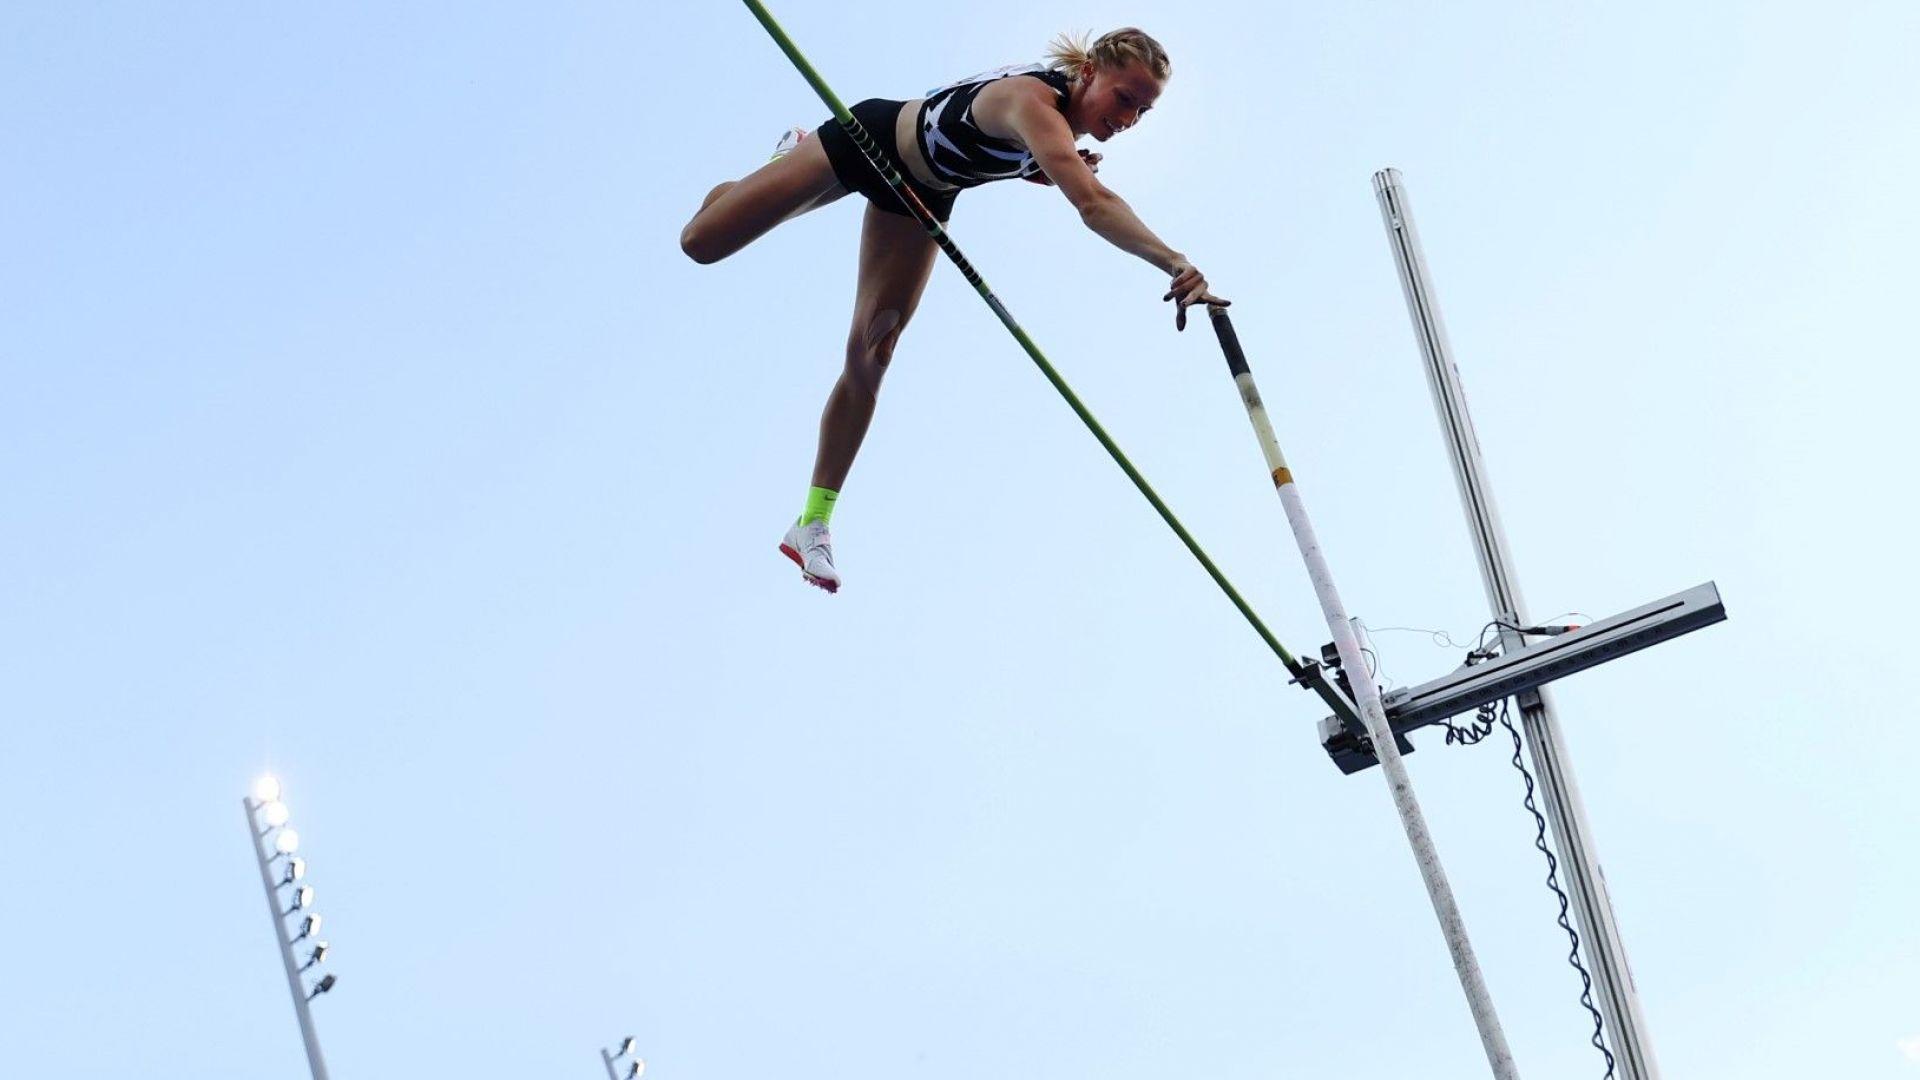 Рускиня влезе в историята като третата жена, прелетяла над 5 метра в овчарския скок